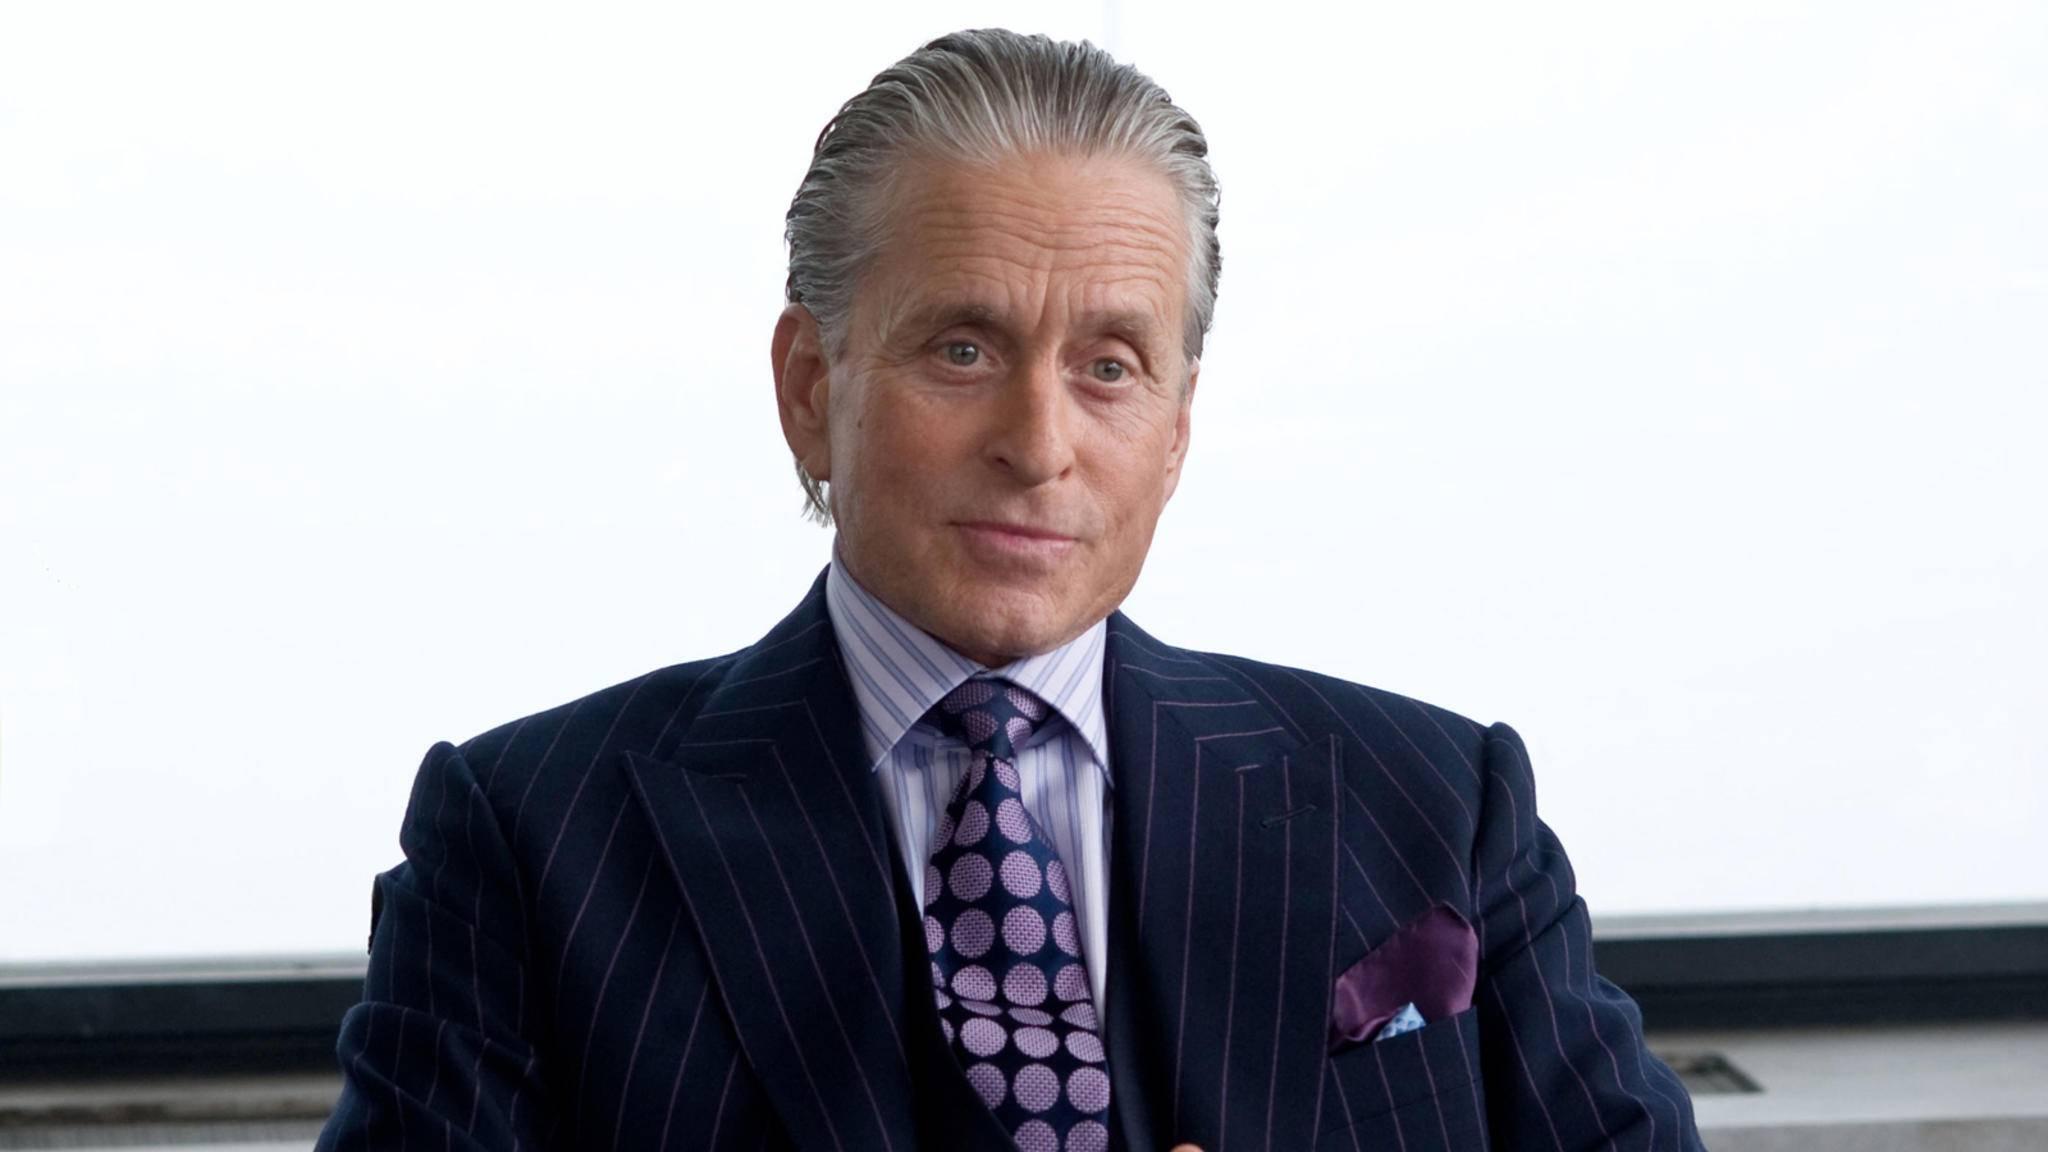 """Paraderolle: Michael Douglas glänzt in """"Wall Street"""" und im Sequel """"Wall Street: Geld schläft nicht"""" als gewissenloser Finanzhai Gordon Gekko."""